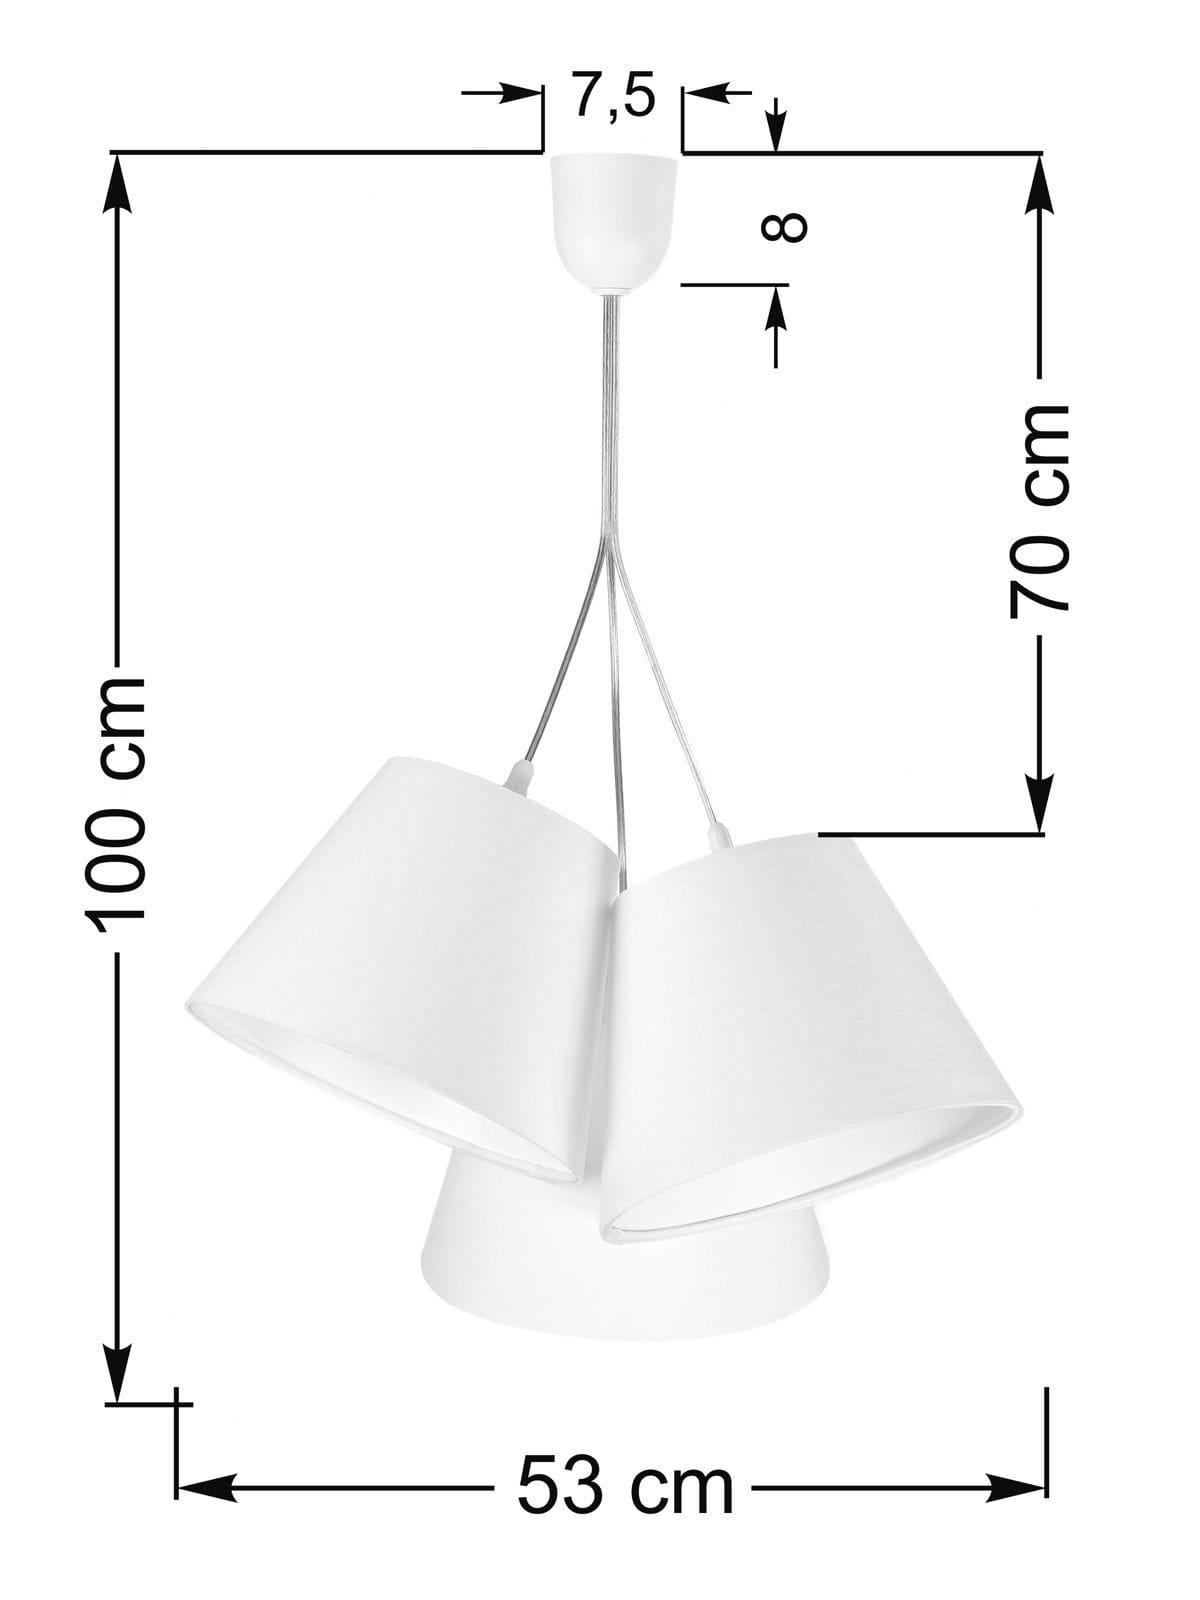 Lampa dziecięca w groszki Inzo